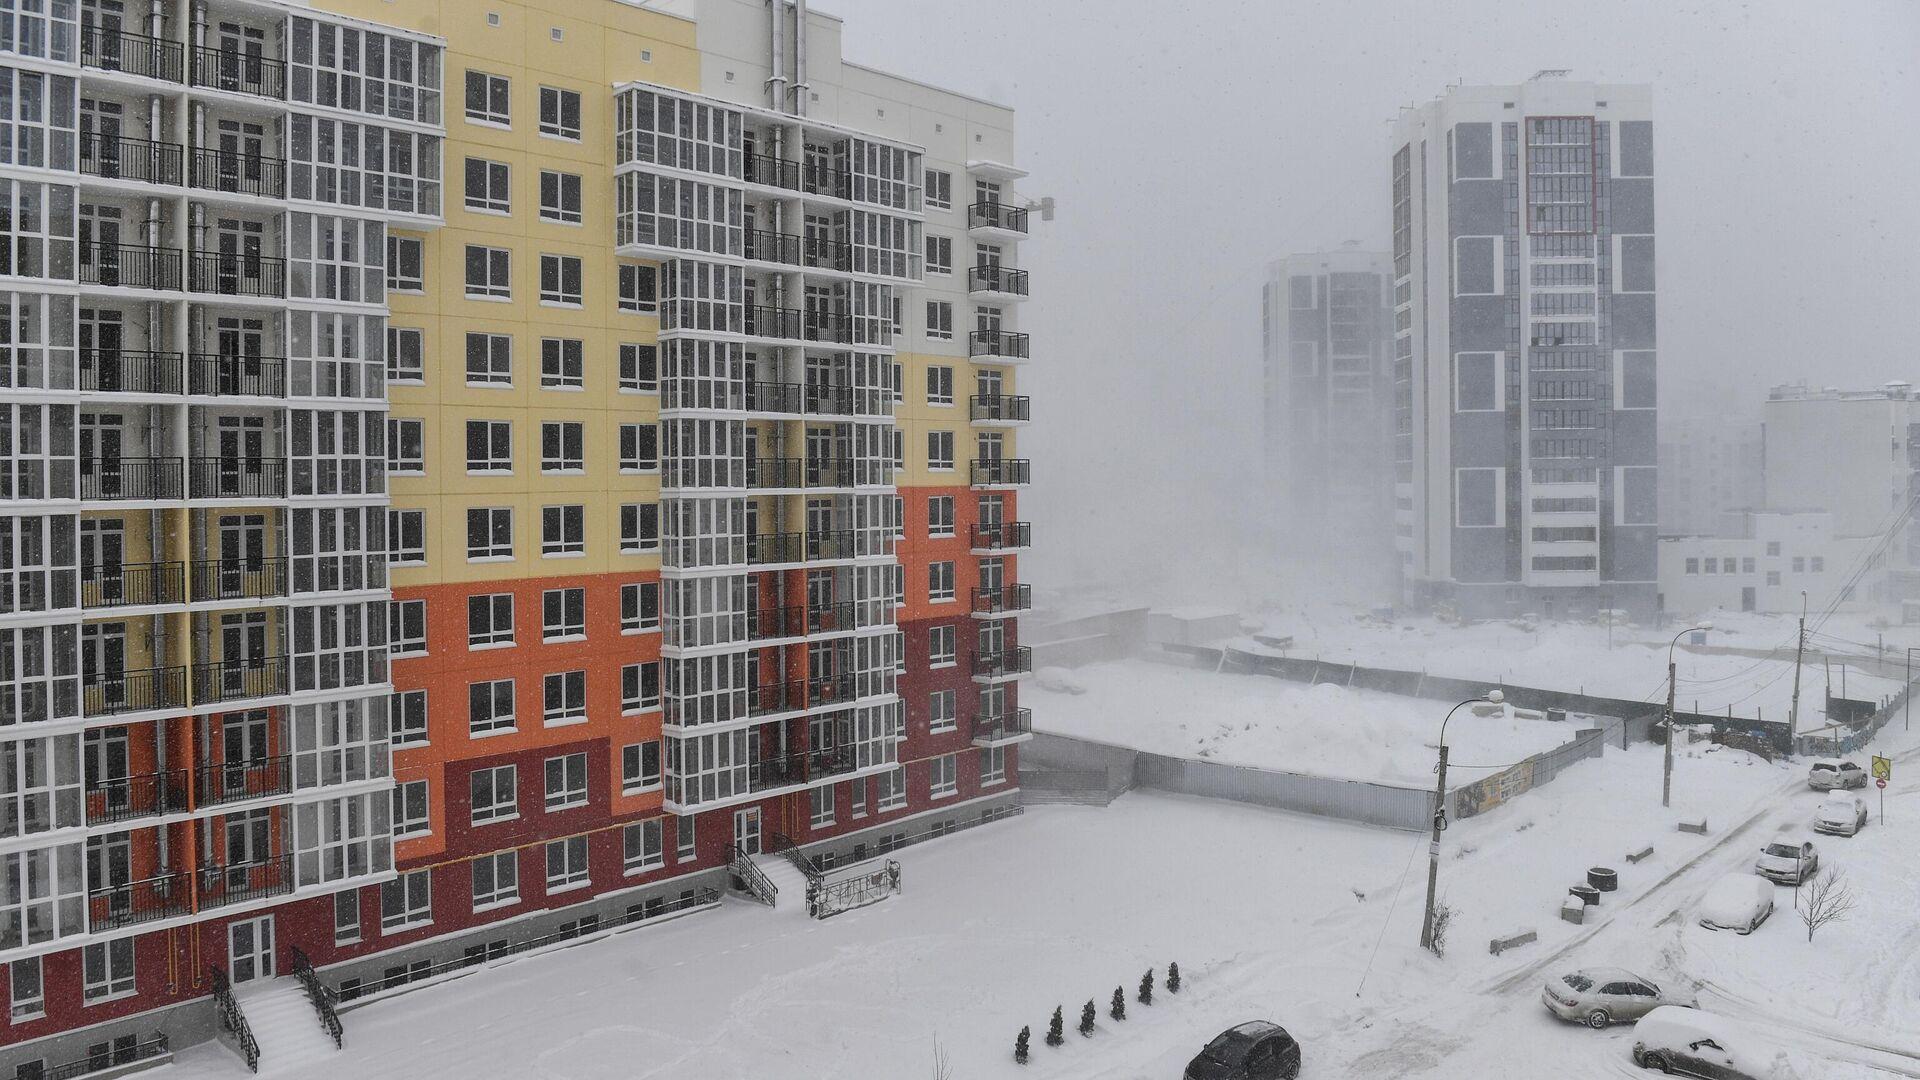 Сильный снегопад в Крыму - РИА Новости, 1920, 19.02.2021